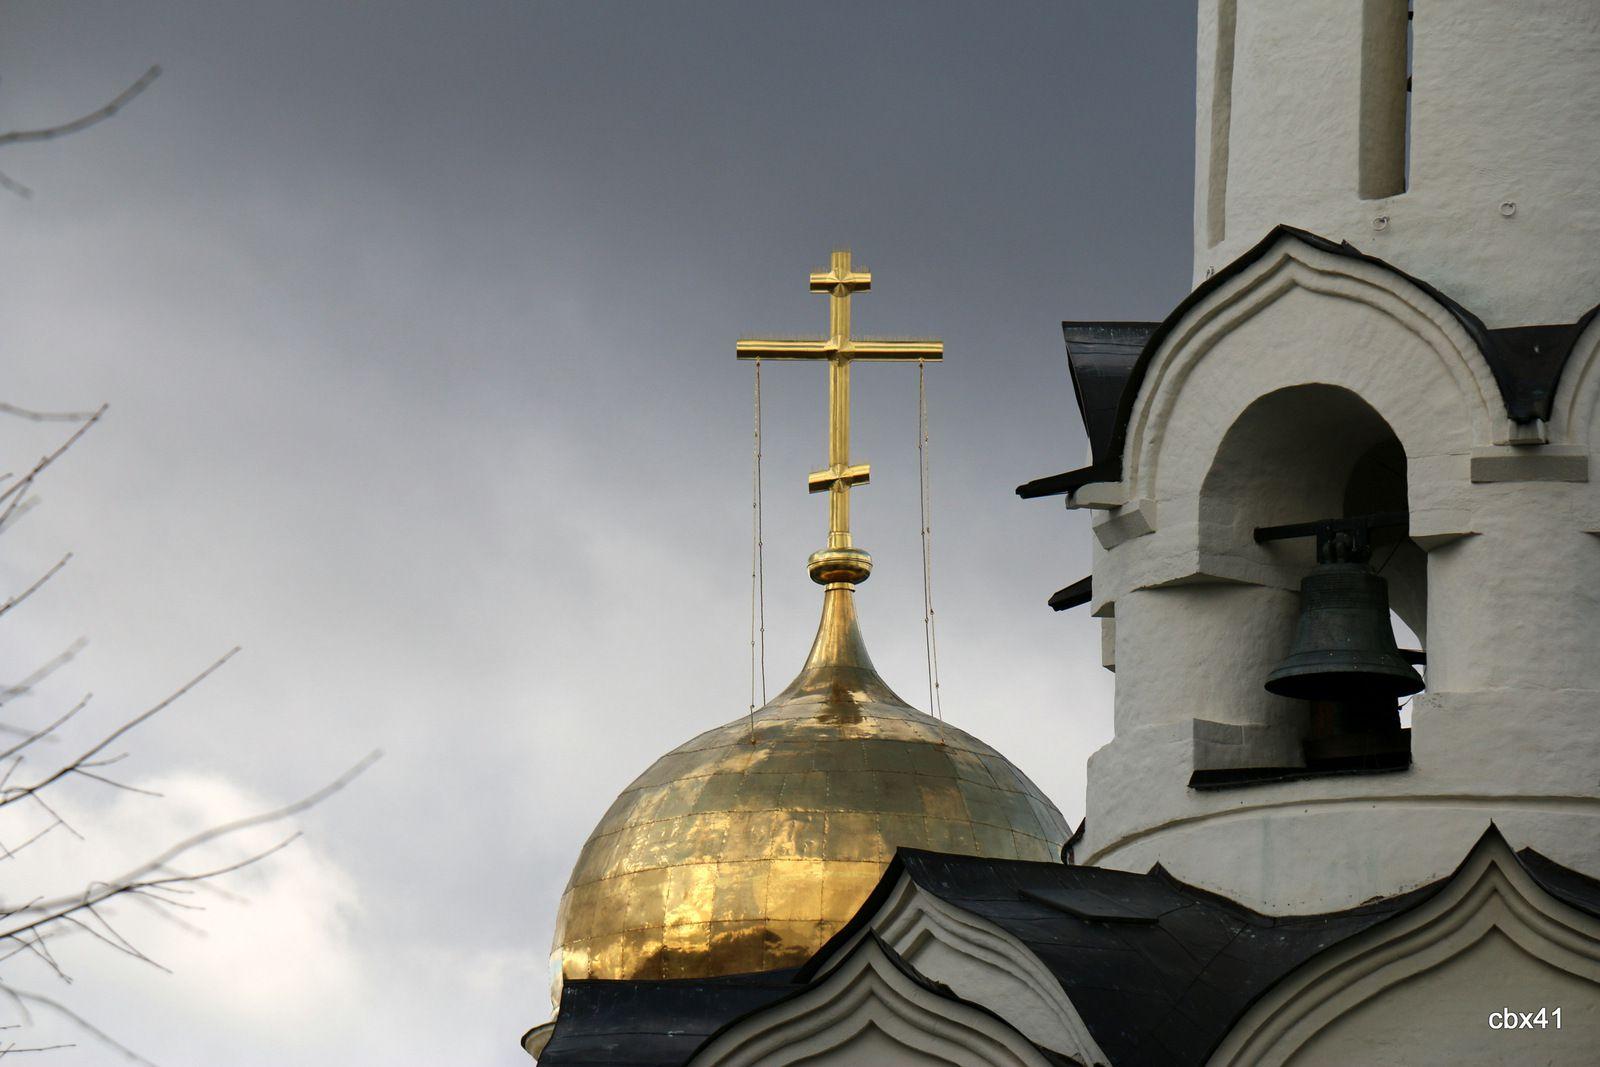 Cathédrale de la Trinité, Laure de la Trinité-Saint-Serge (Serguiev Posad)